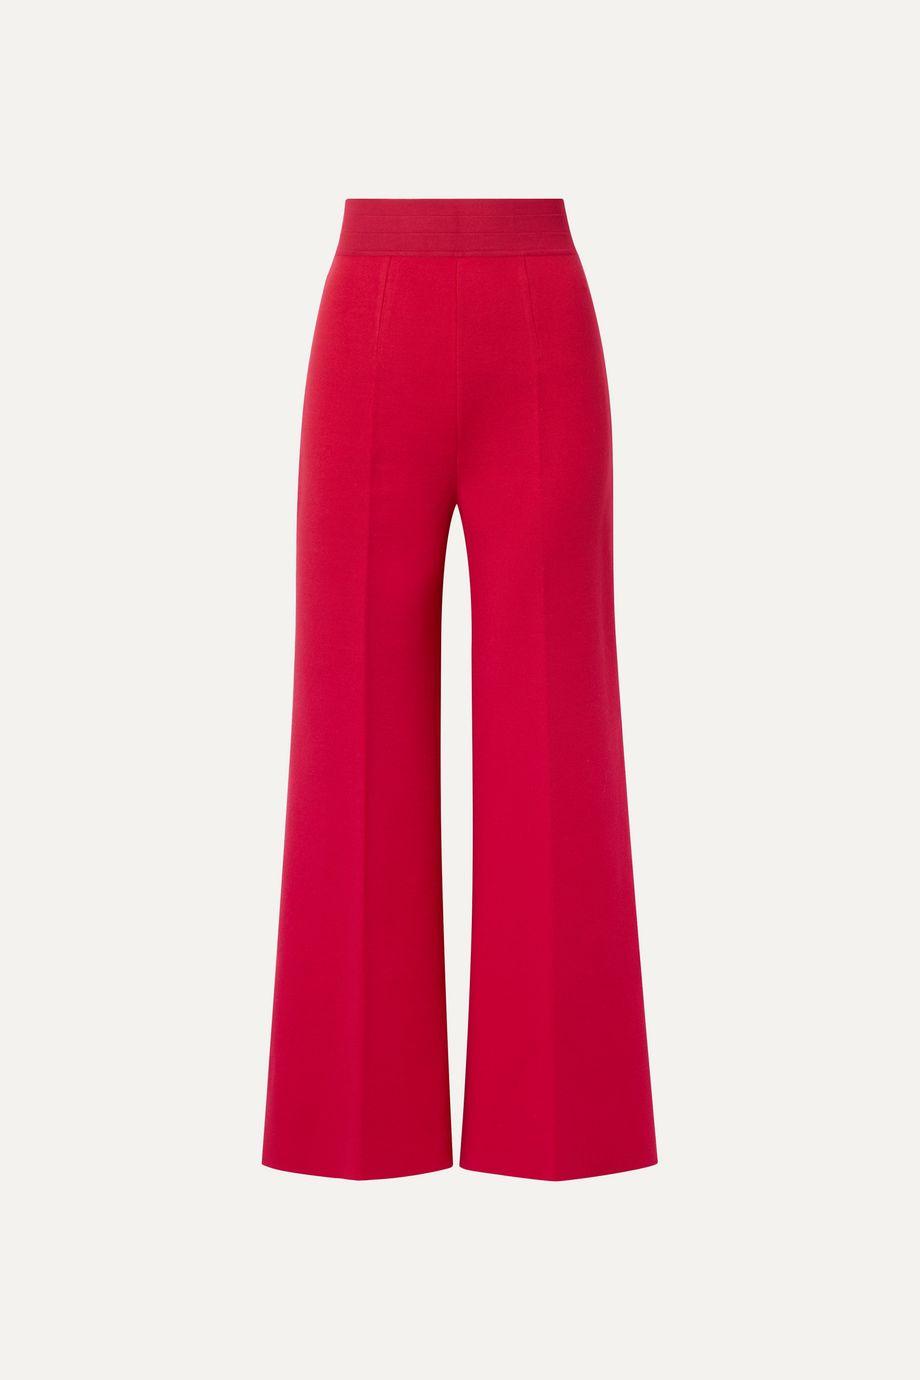 Alaïa Cropped stretch-knit wide-leg pants